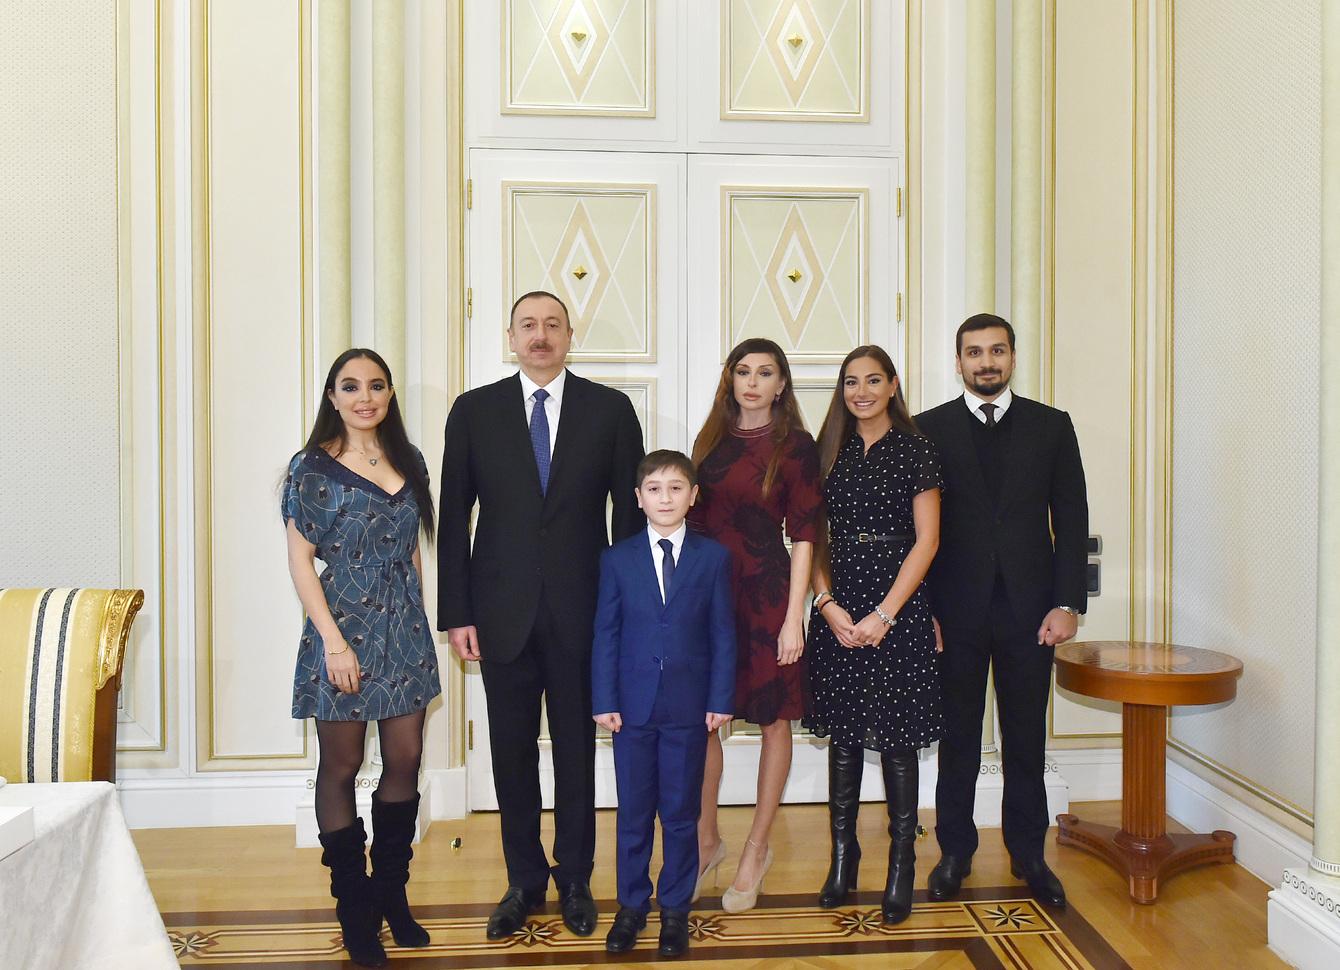 Prezident və xanımı ilə Ümidin 11 yaşında maraqlı dialoqu: saat hədiyyə etmişdi - FOTOLAR